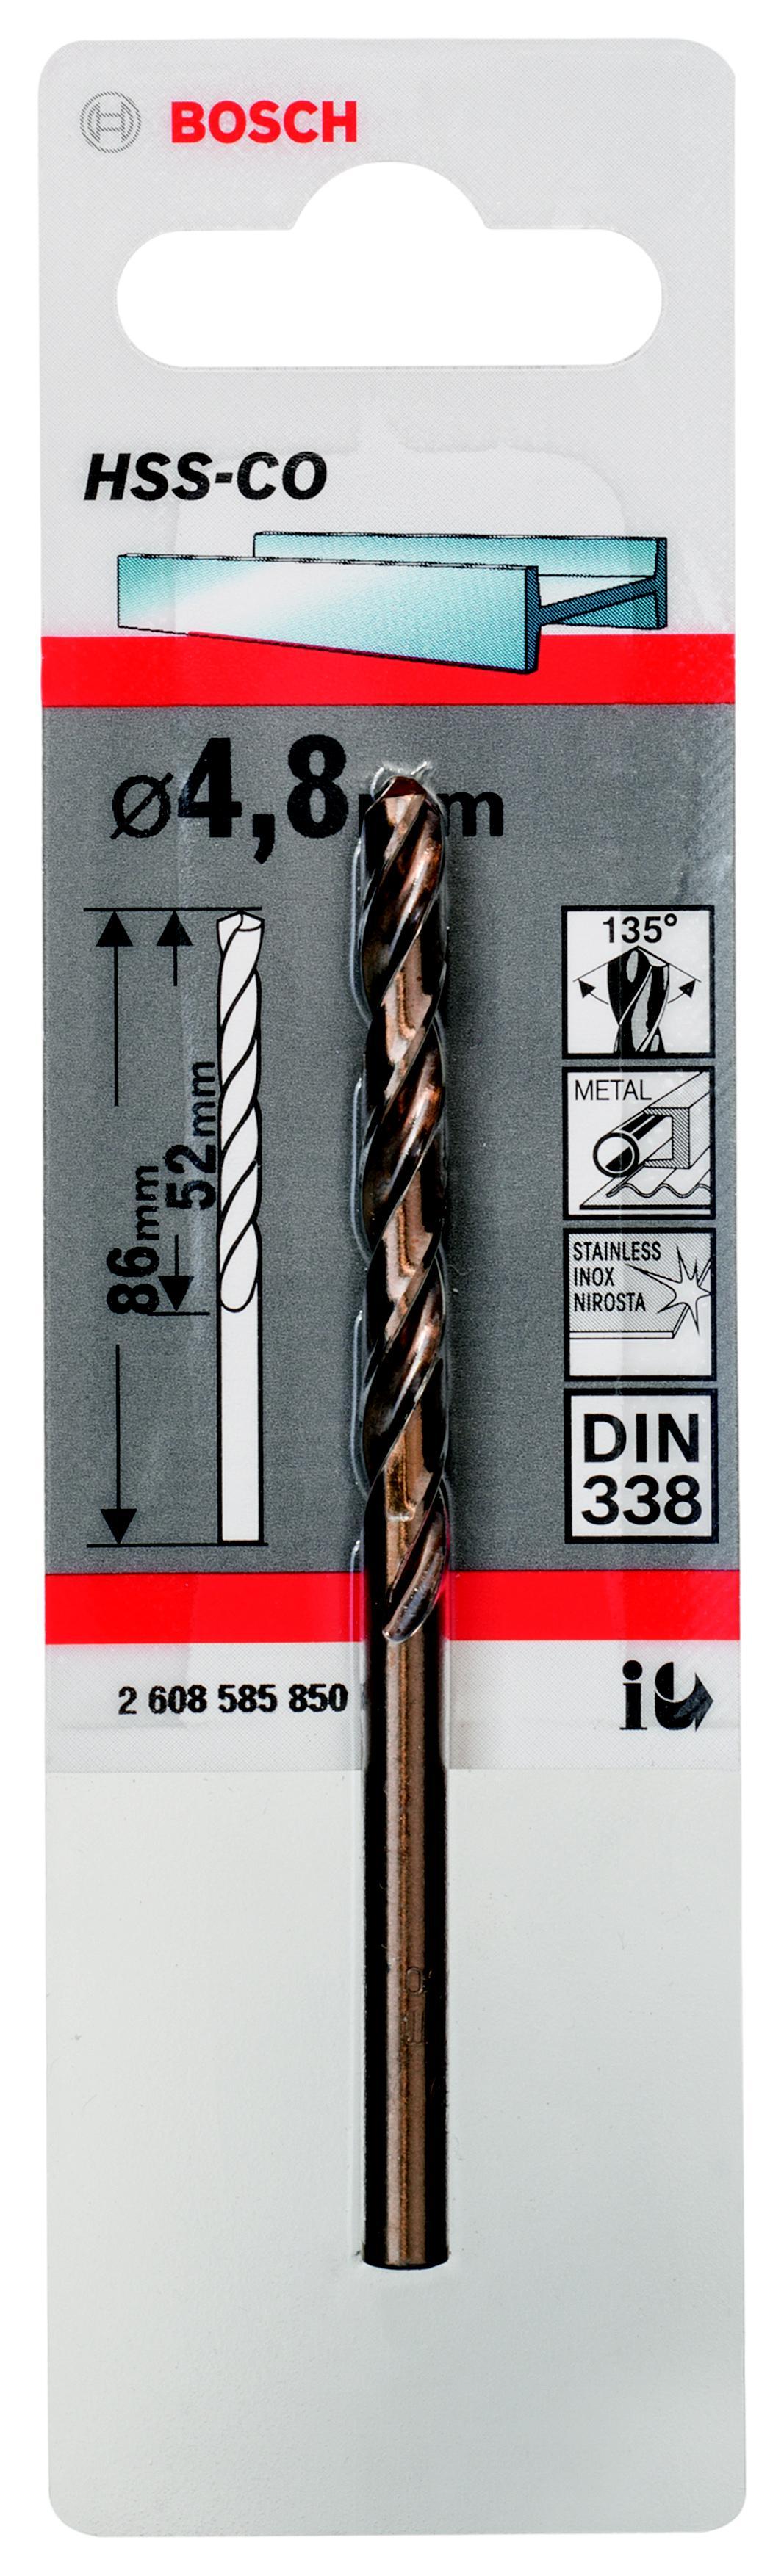 Сверло Bosch 1 hss-co (2.608.585.850) аксессуары veld co набор переводных татуировок черепа